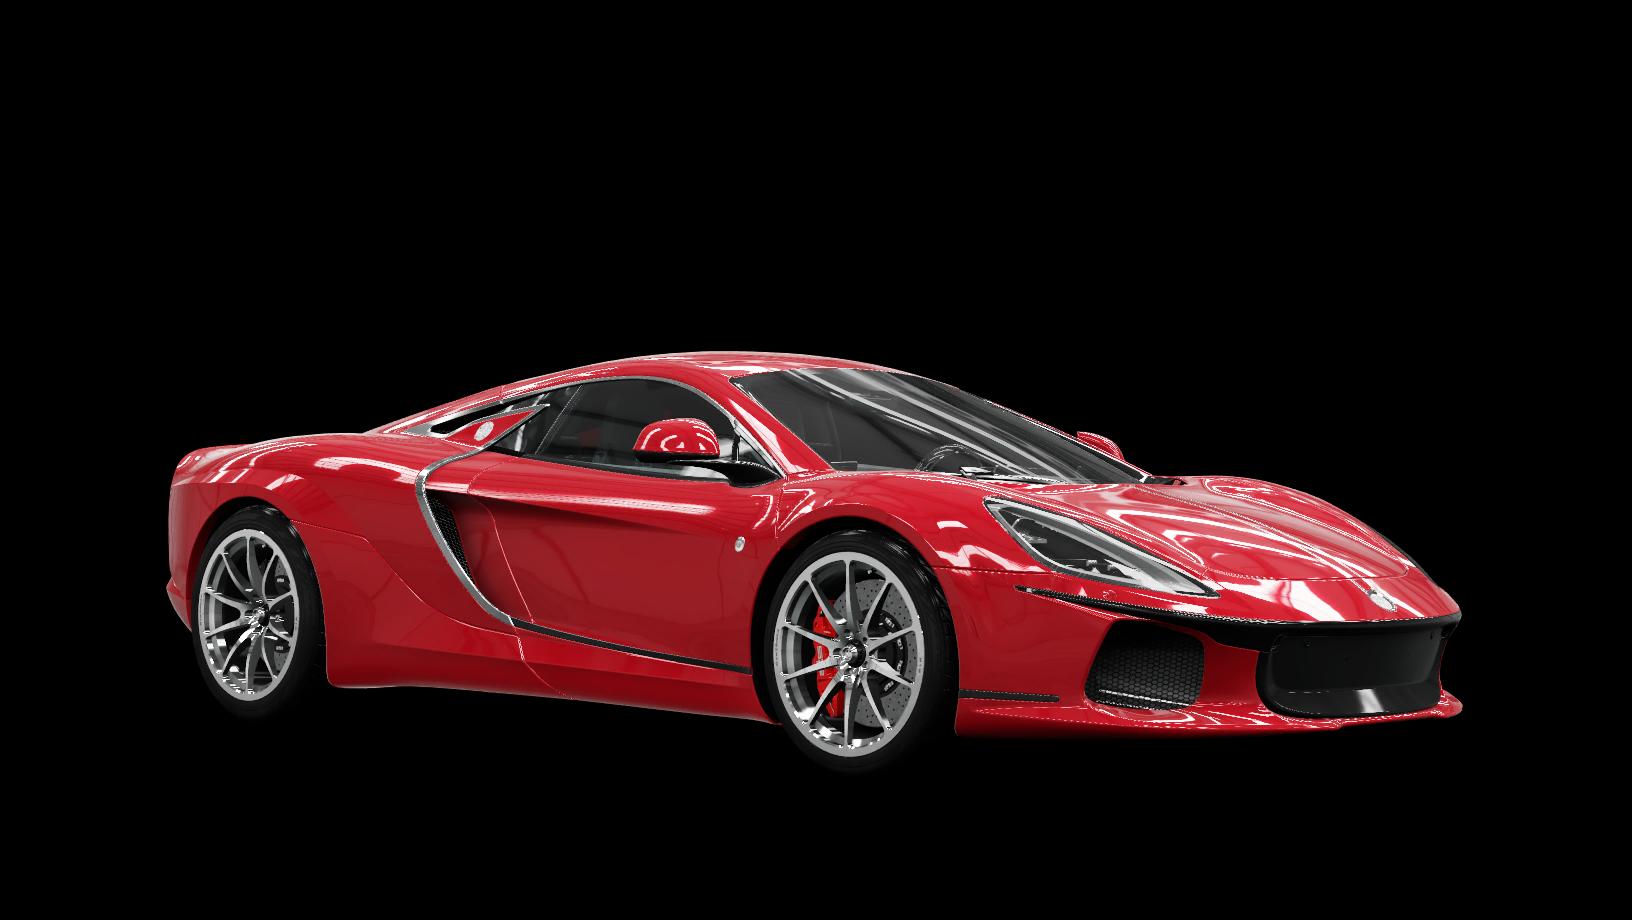 Forza-Horizon-4-ATS-GT-2